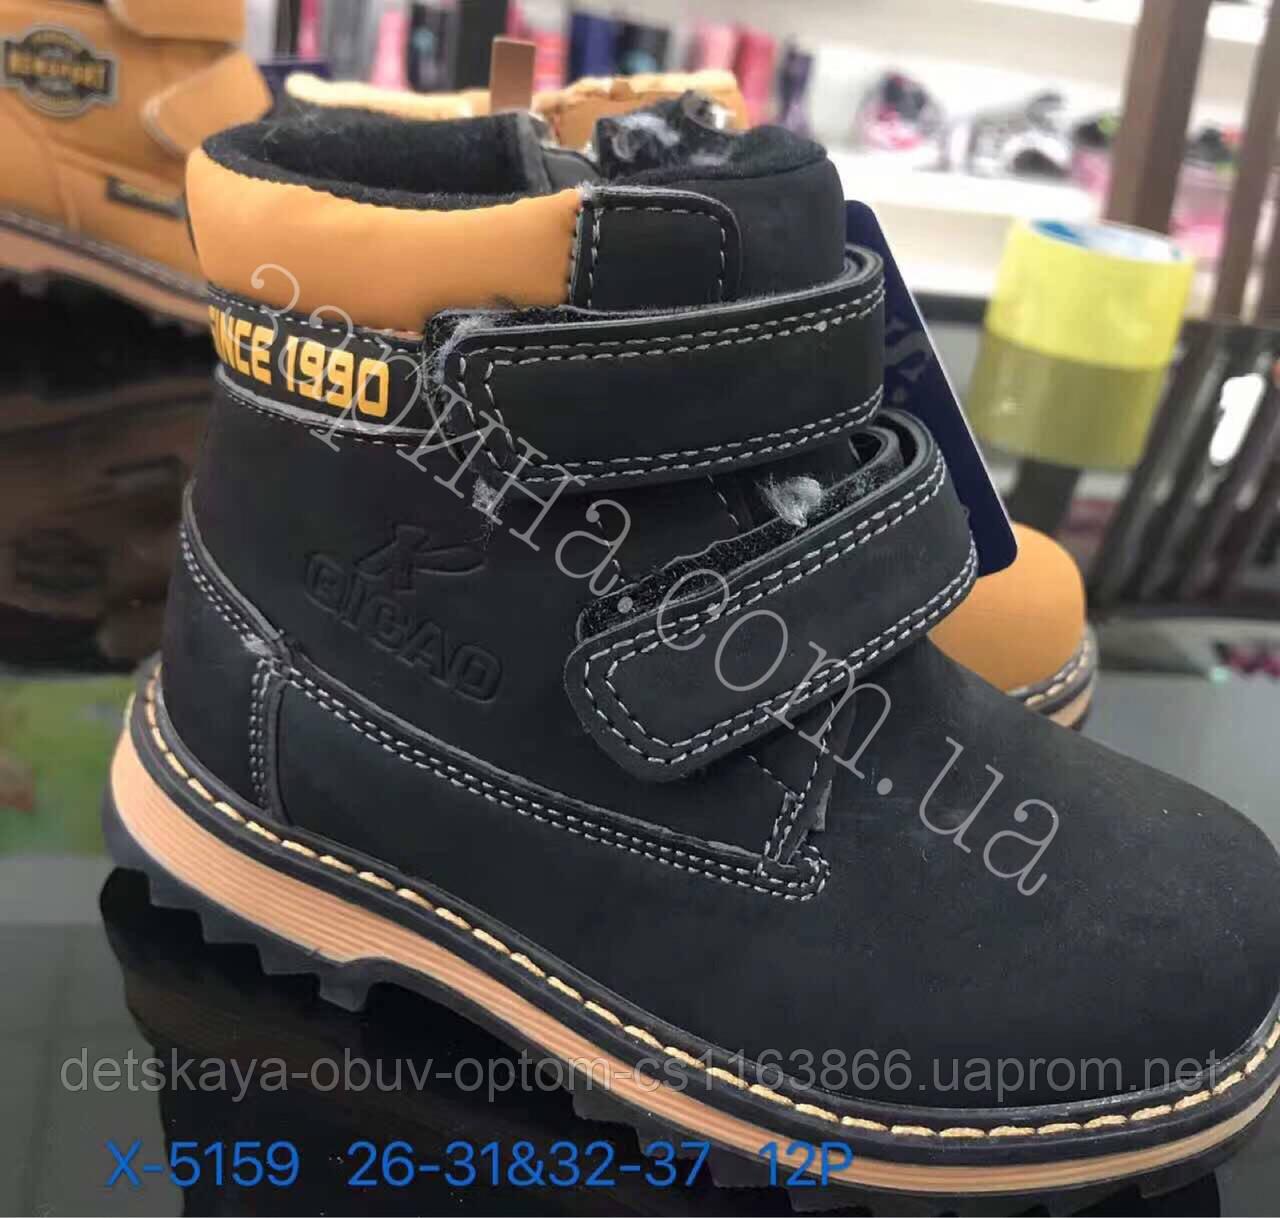 5ab51537 Зимние детские ботинки для мальчиков Размеры 26-31: продажа, цена в ...